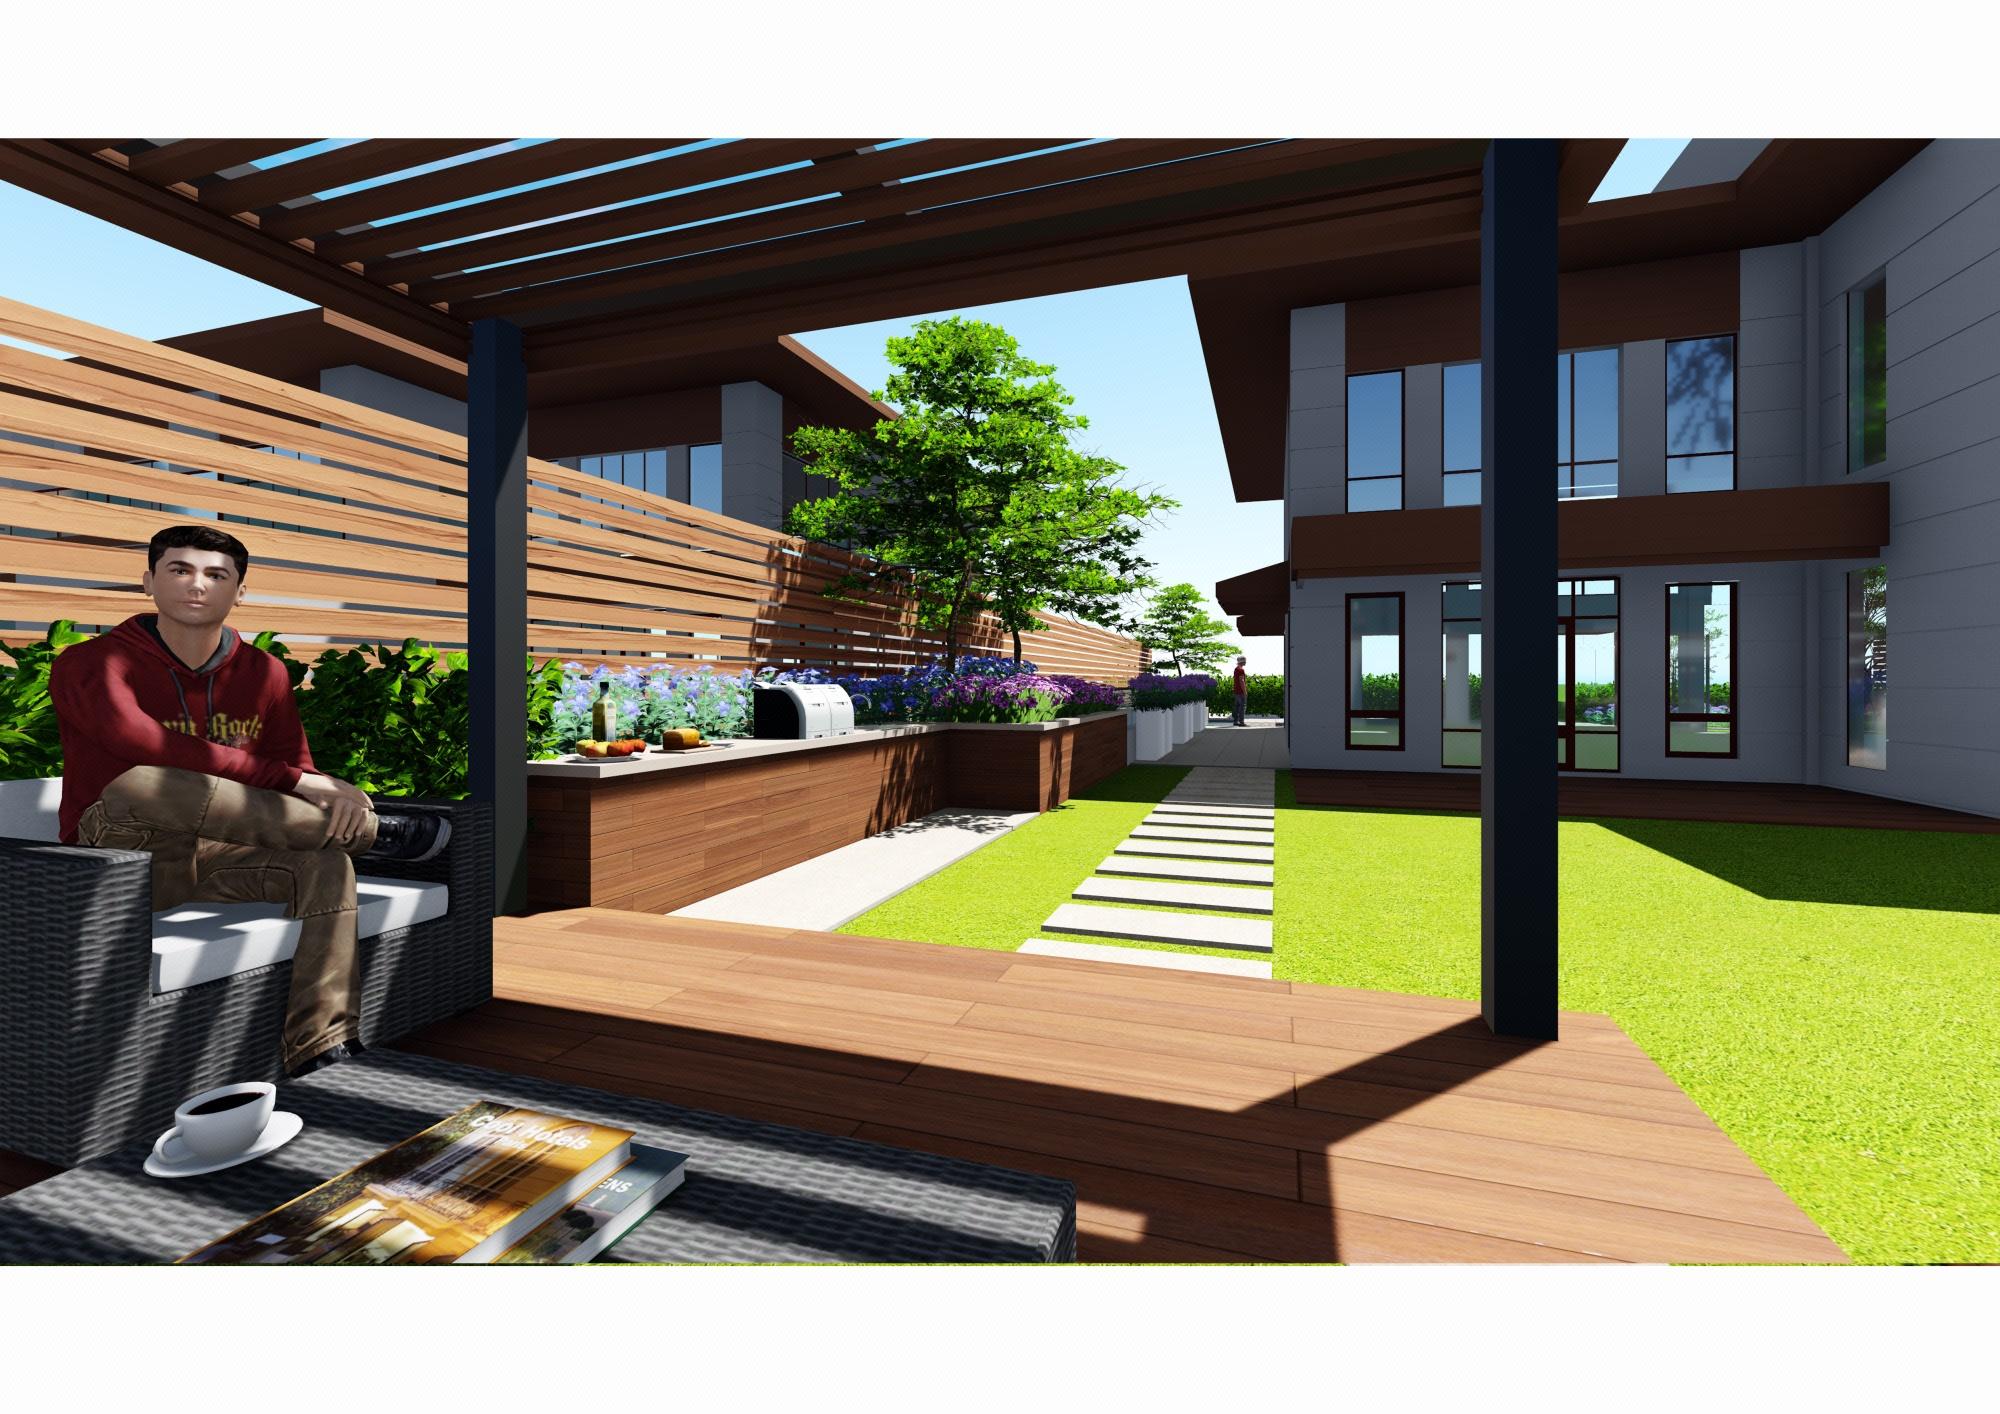 庭院设计/庭院景观/庭院绿化/别墅庭院效果图/私家花园设计